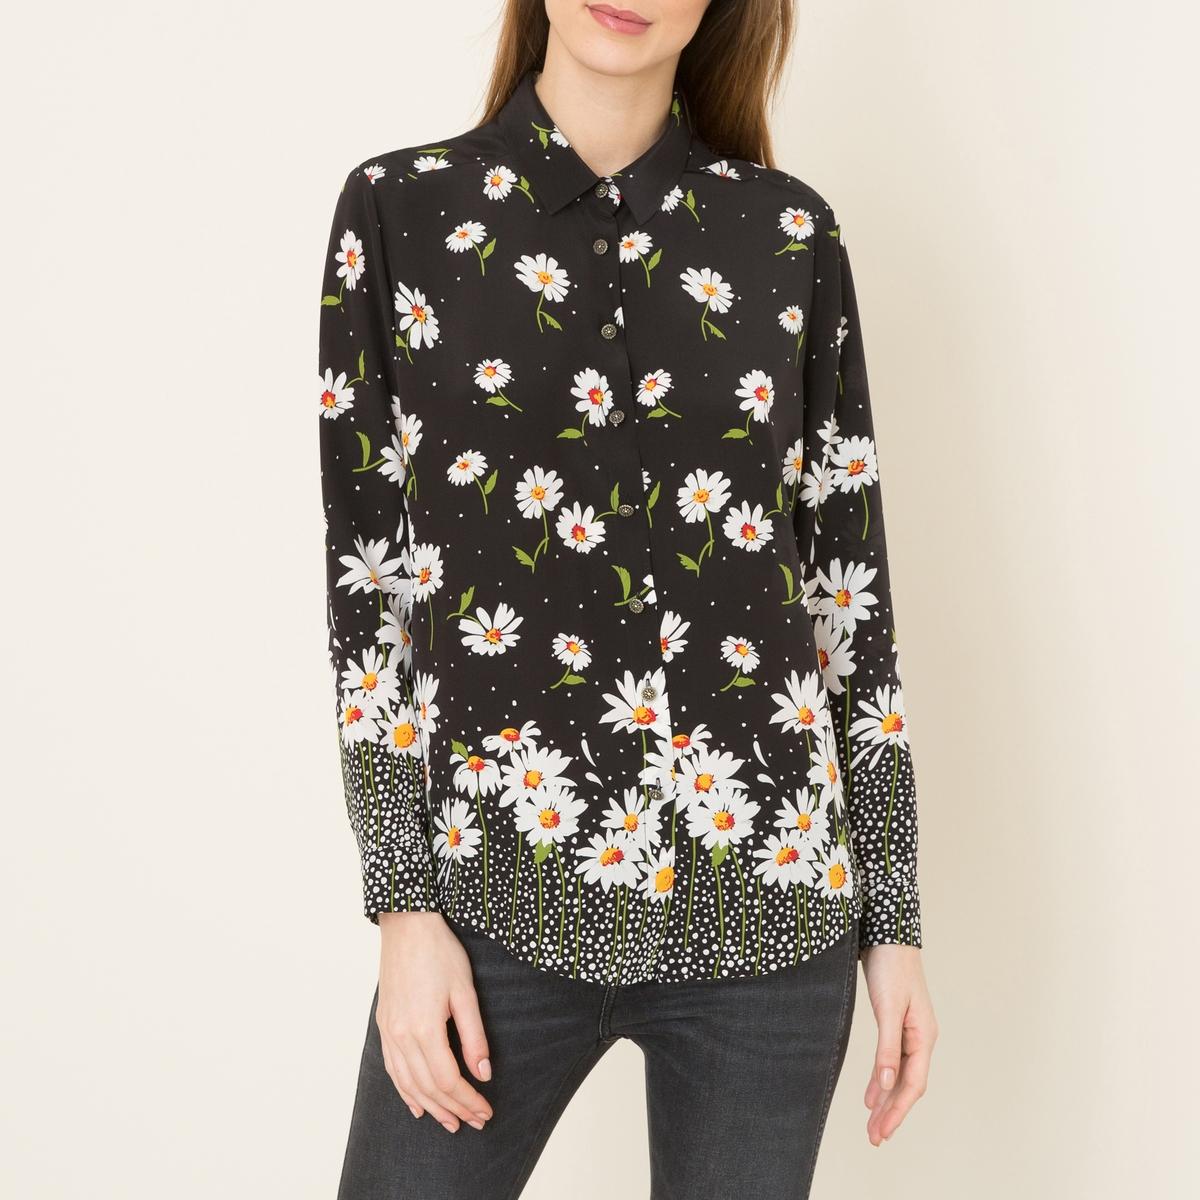 Рубашка шелковаяРубашка THE KOOPLES - из шелка со сплошным принтом и накладным низом . Воротник со свободными уголками. Планка спереди и манжеты с застежкой на пуговицы. Слегка закругленный низ. Состав и описание    Материал : 100% вискоза   Марка : THE KOOPLES<br><br>Цвет: рисунок черный